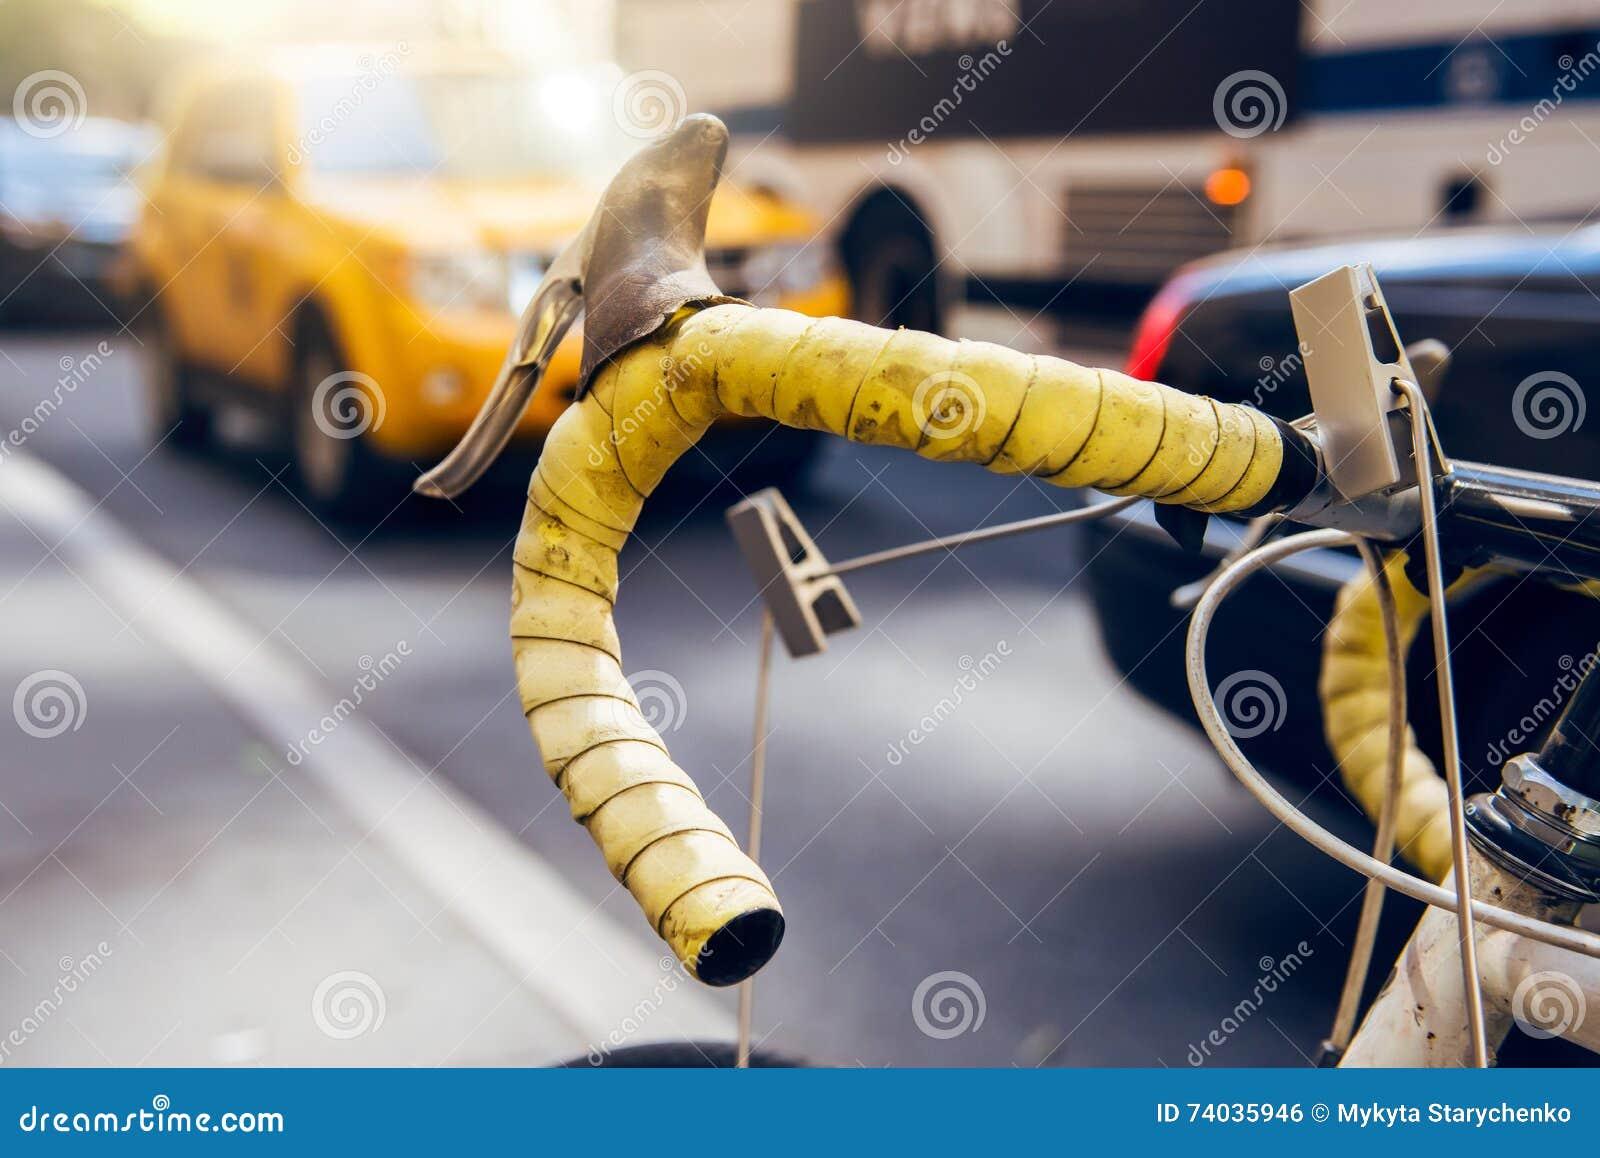 移动乘自行车在城市 自行车是选择,生态和快速的城市运输 反对城市公共汽车出租汽车的自行车车轮